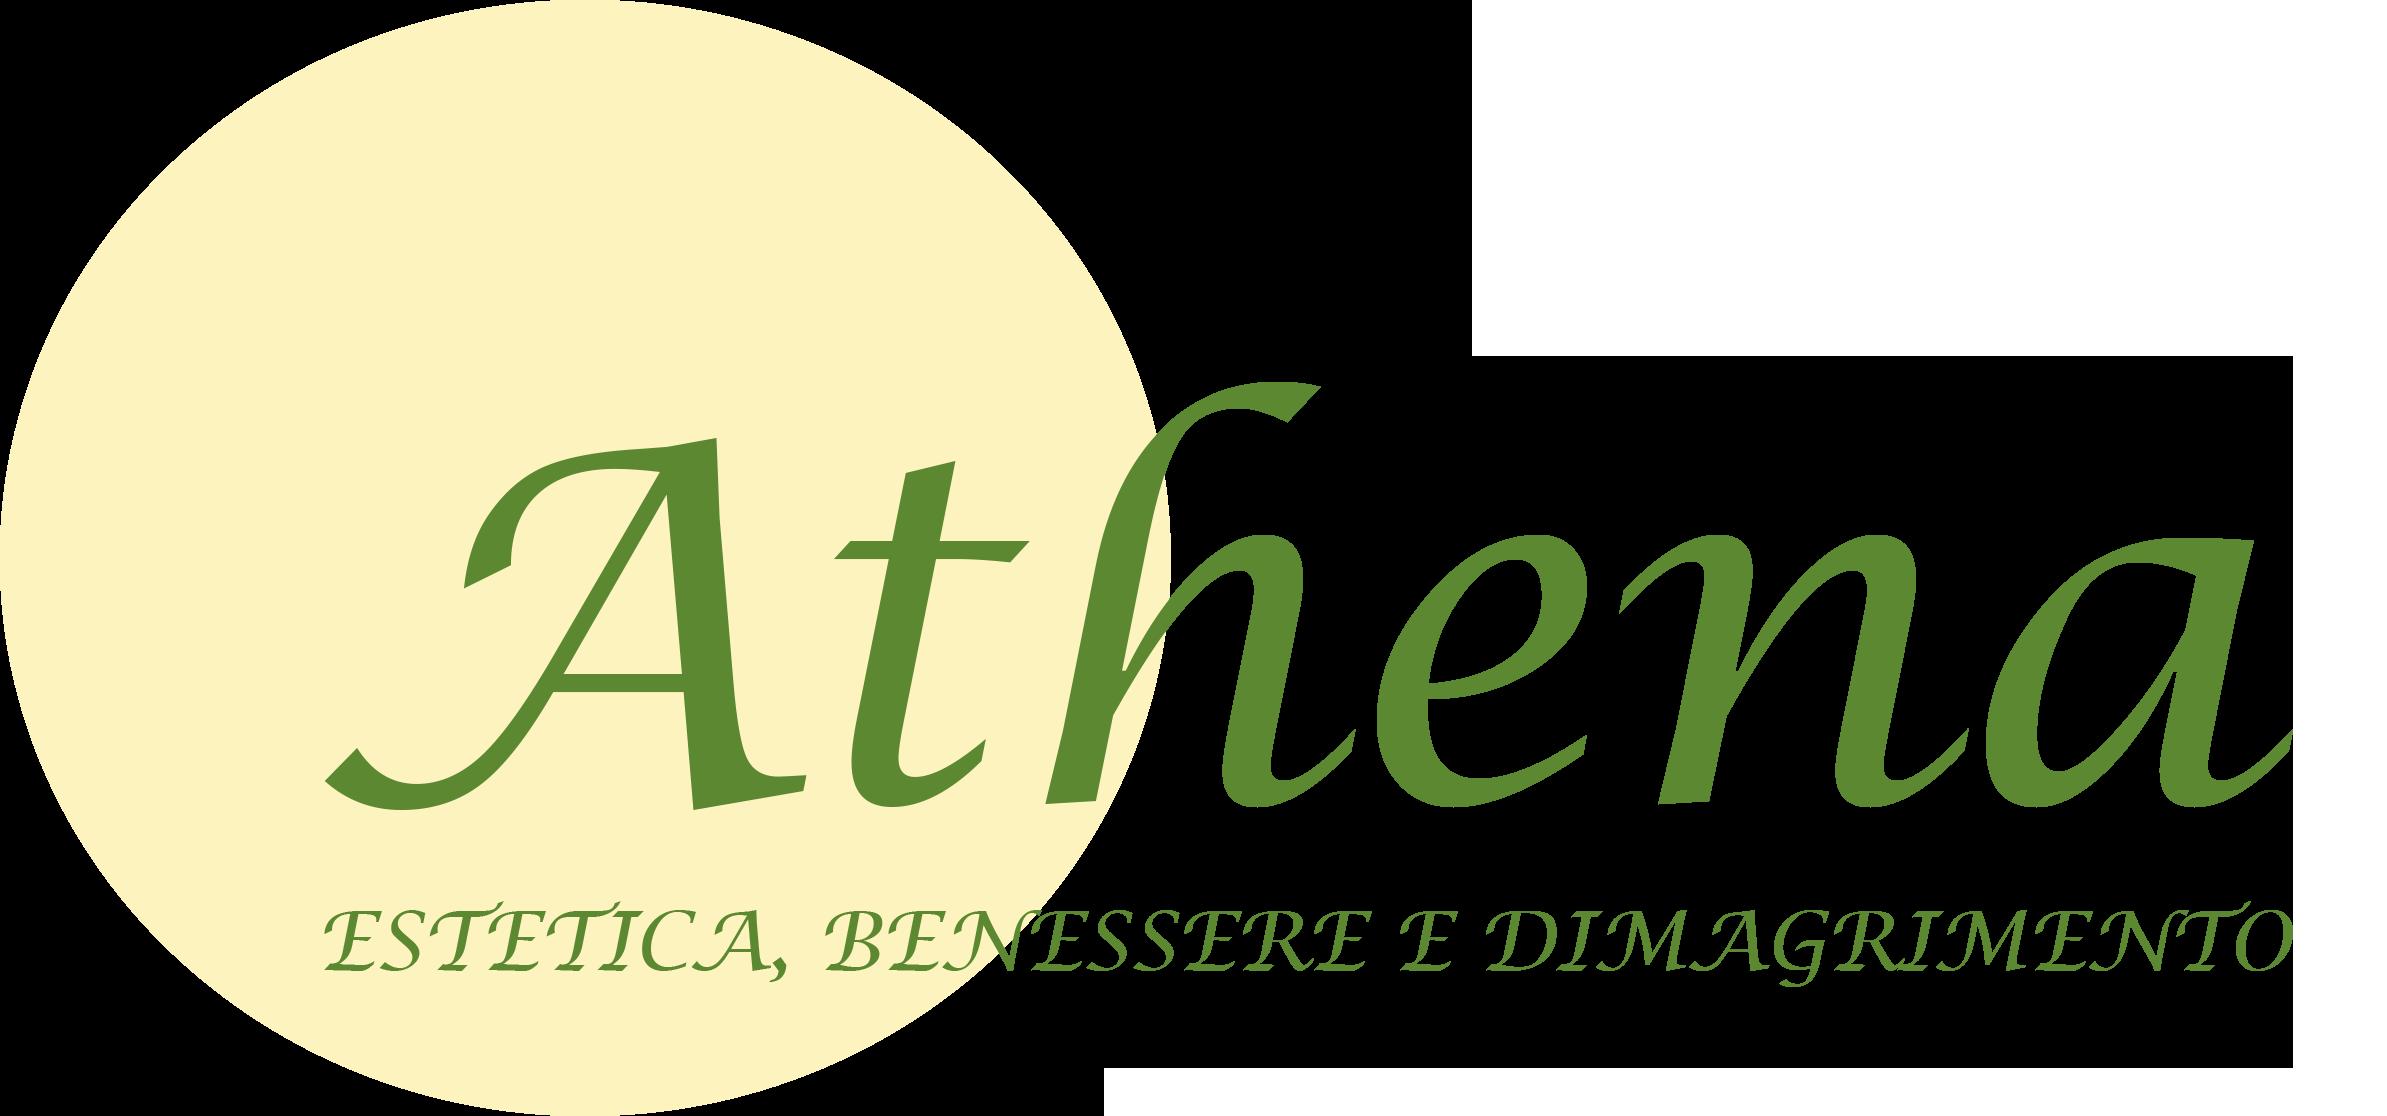 Athena Estetica e Benessere